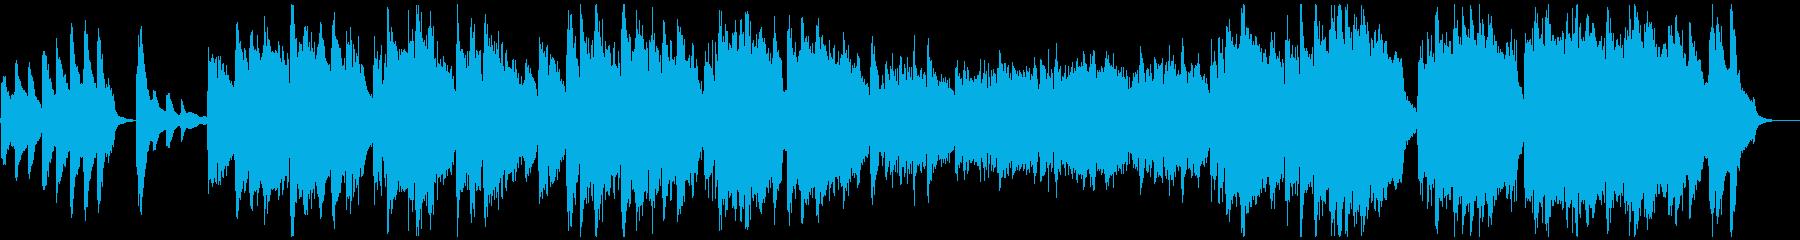 アメリカ国歌 ピアノと歌の再生済みの波形